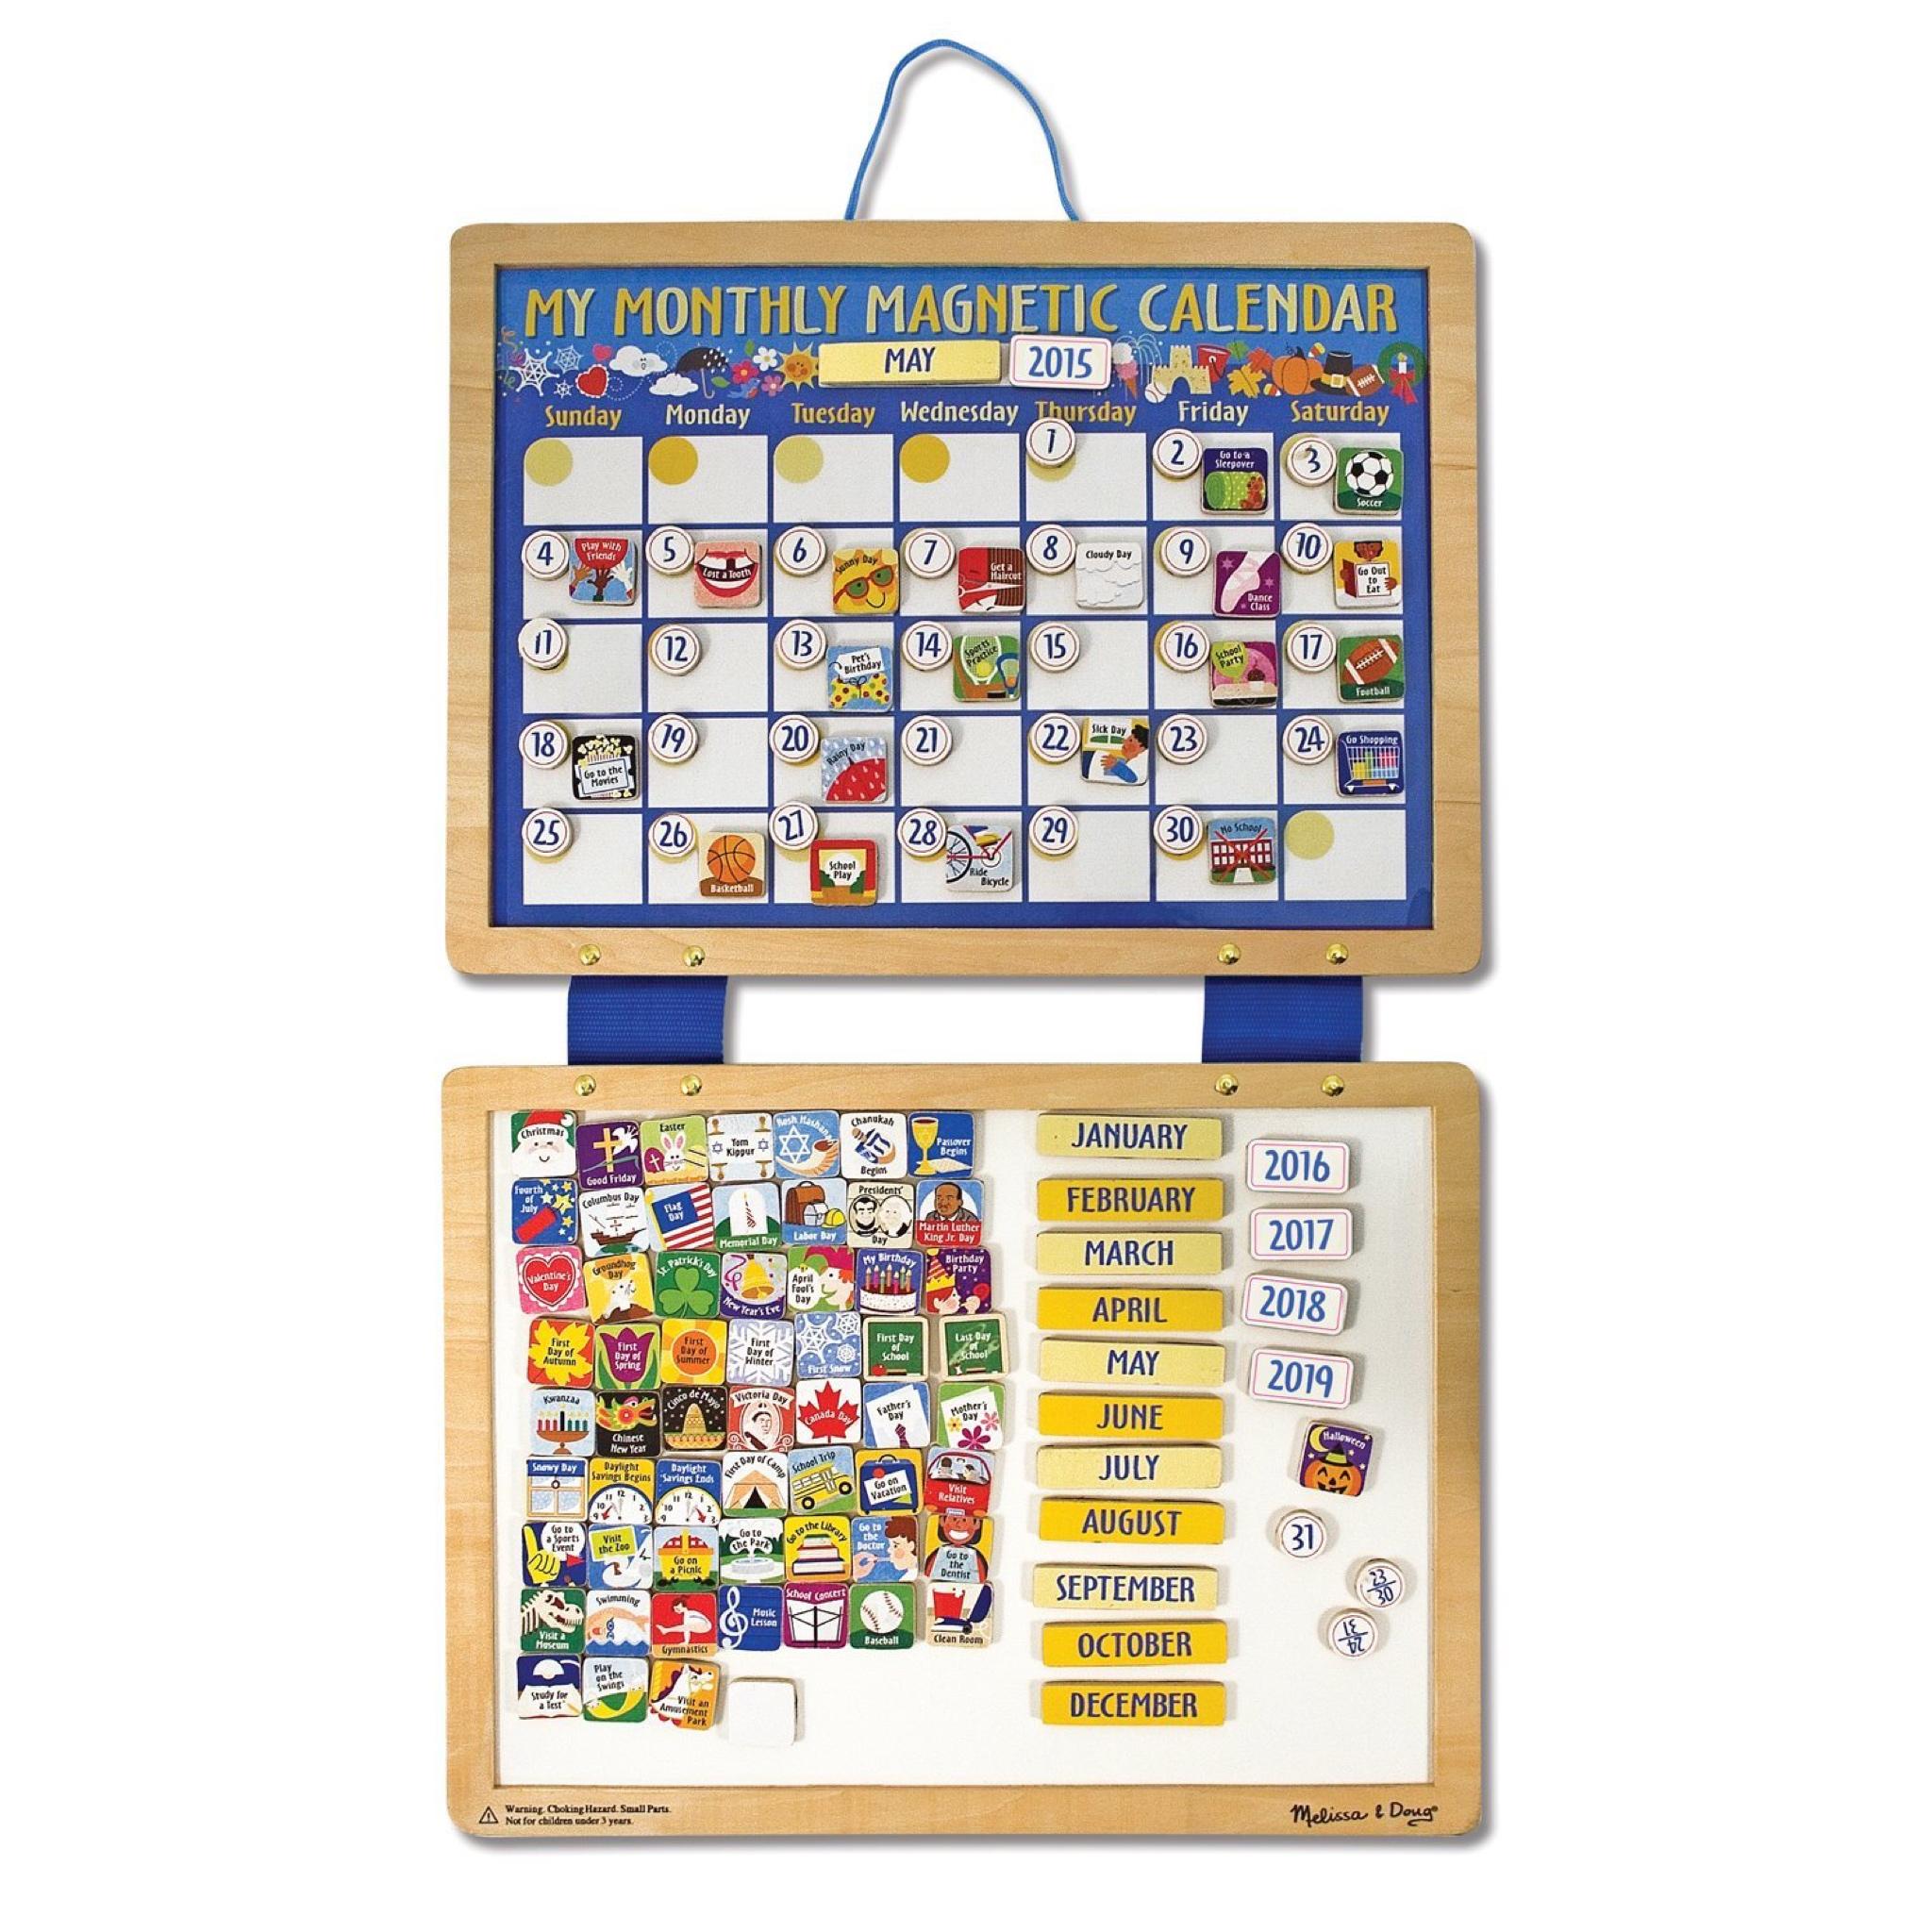 แผ่นกระดานปฏิทินแม่เหล็ก Melissa & Doug Monthly Magnetic Calendar